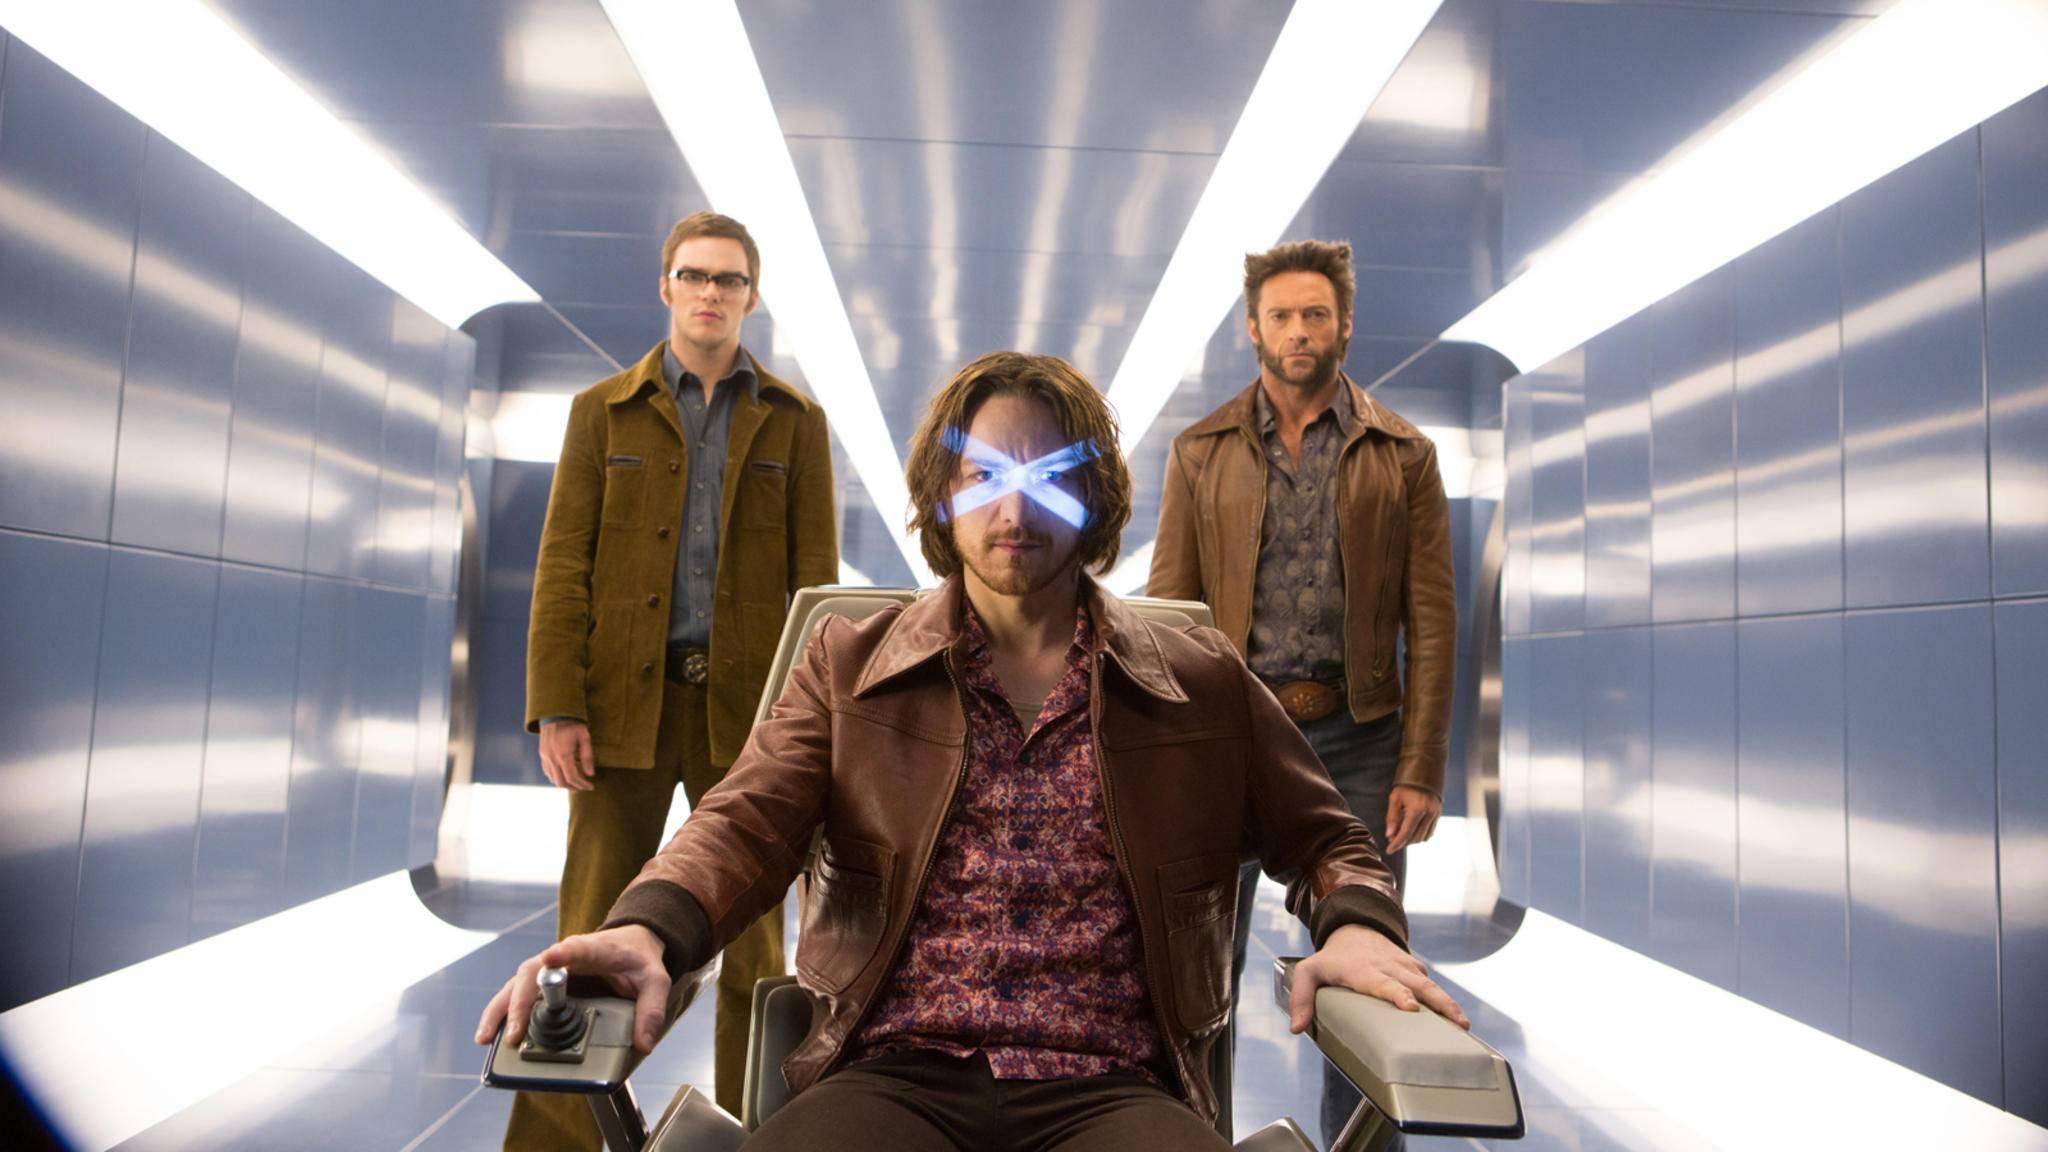 Auch einige X-Men aus den Filmen könnten in der kommenden Serie einen Auftritt haben.